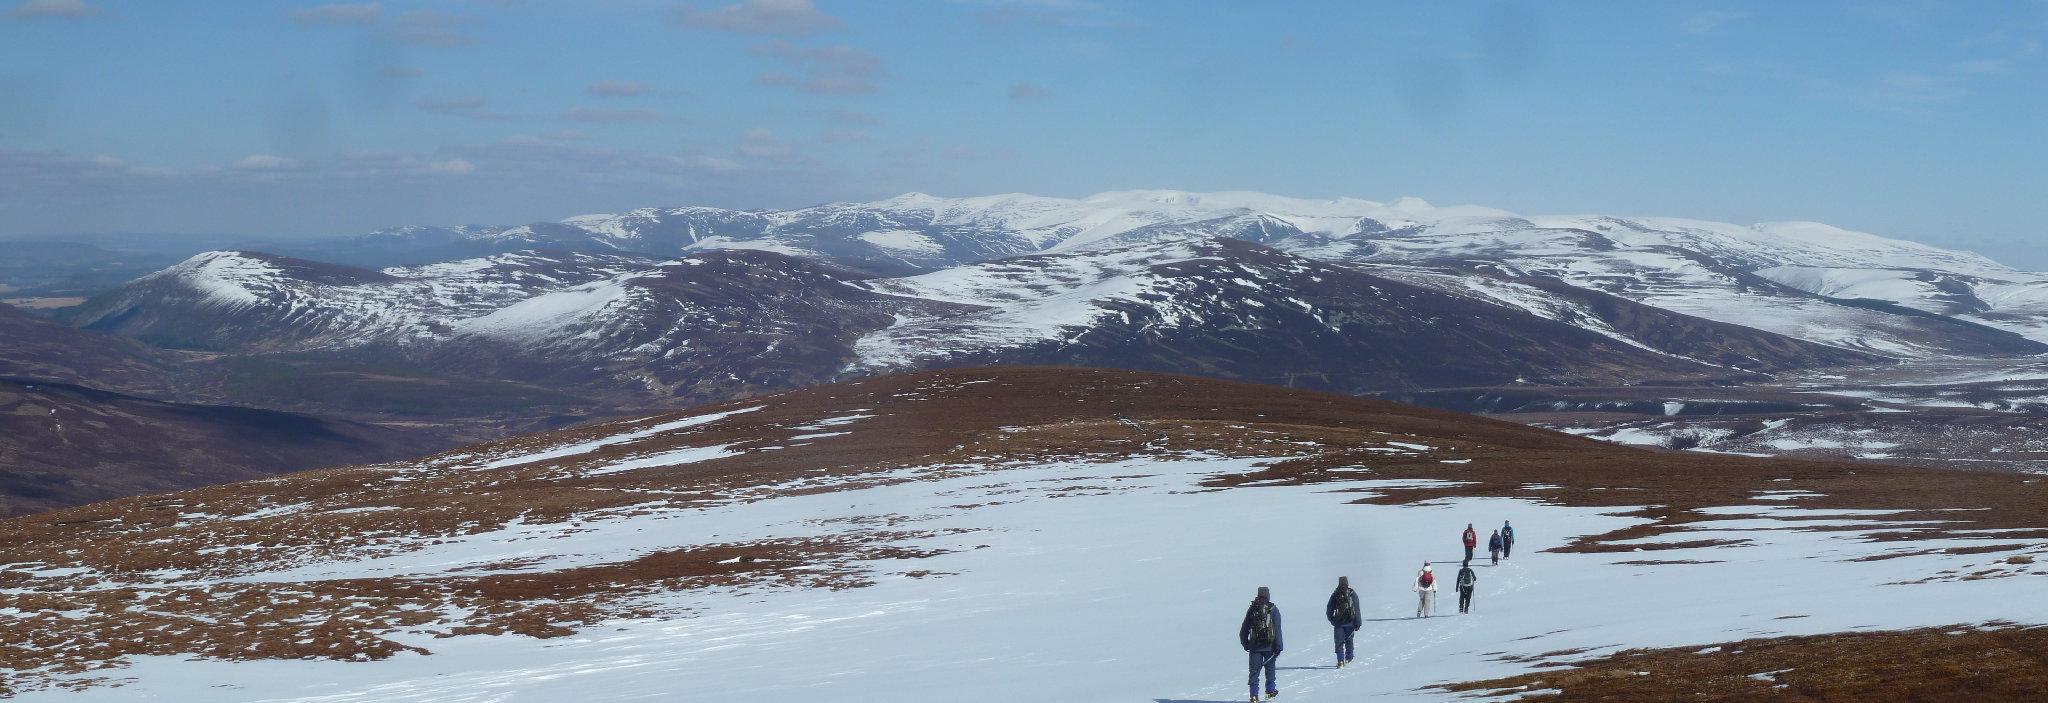 Cairngorm panorama